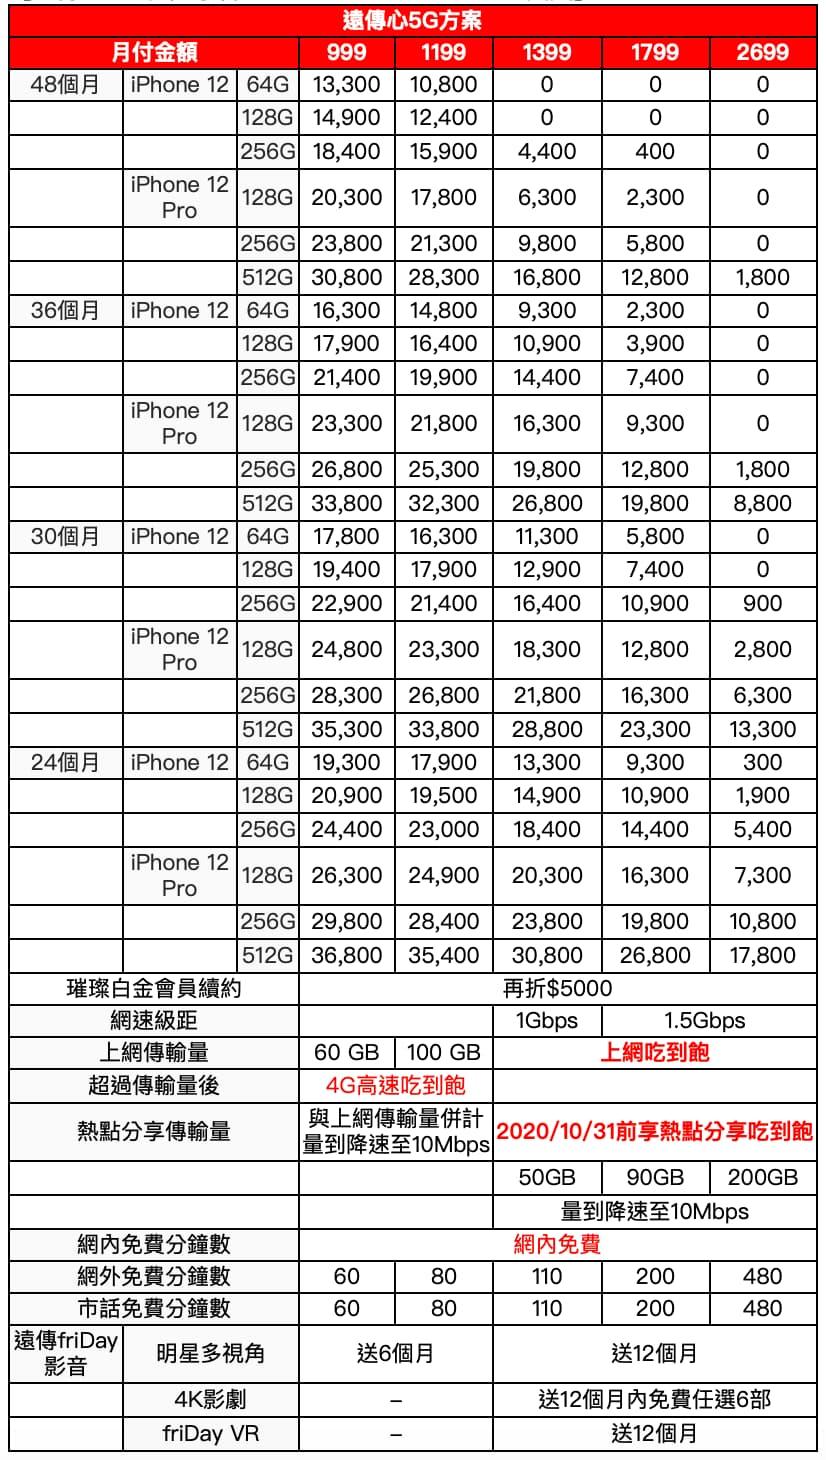 遠傳電信 iPhone 12 5G資費方案